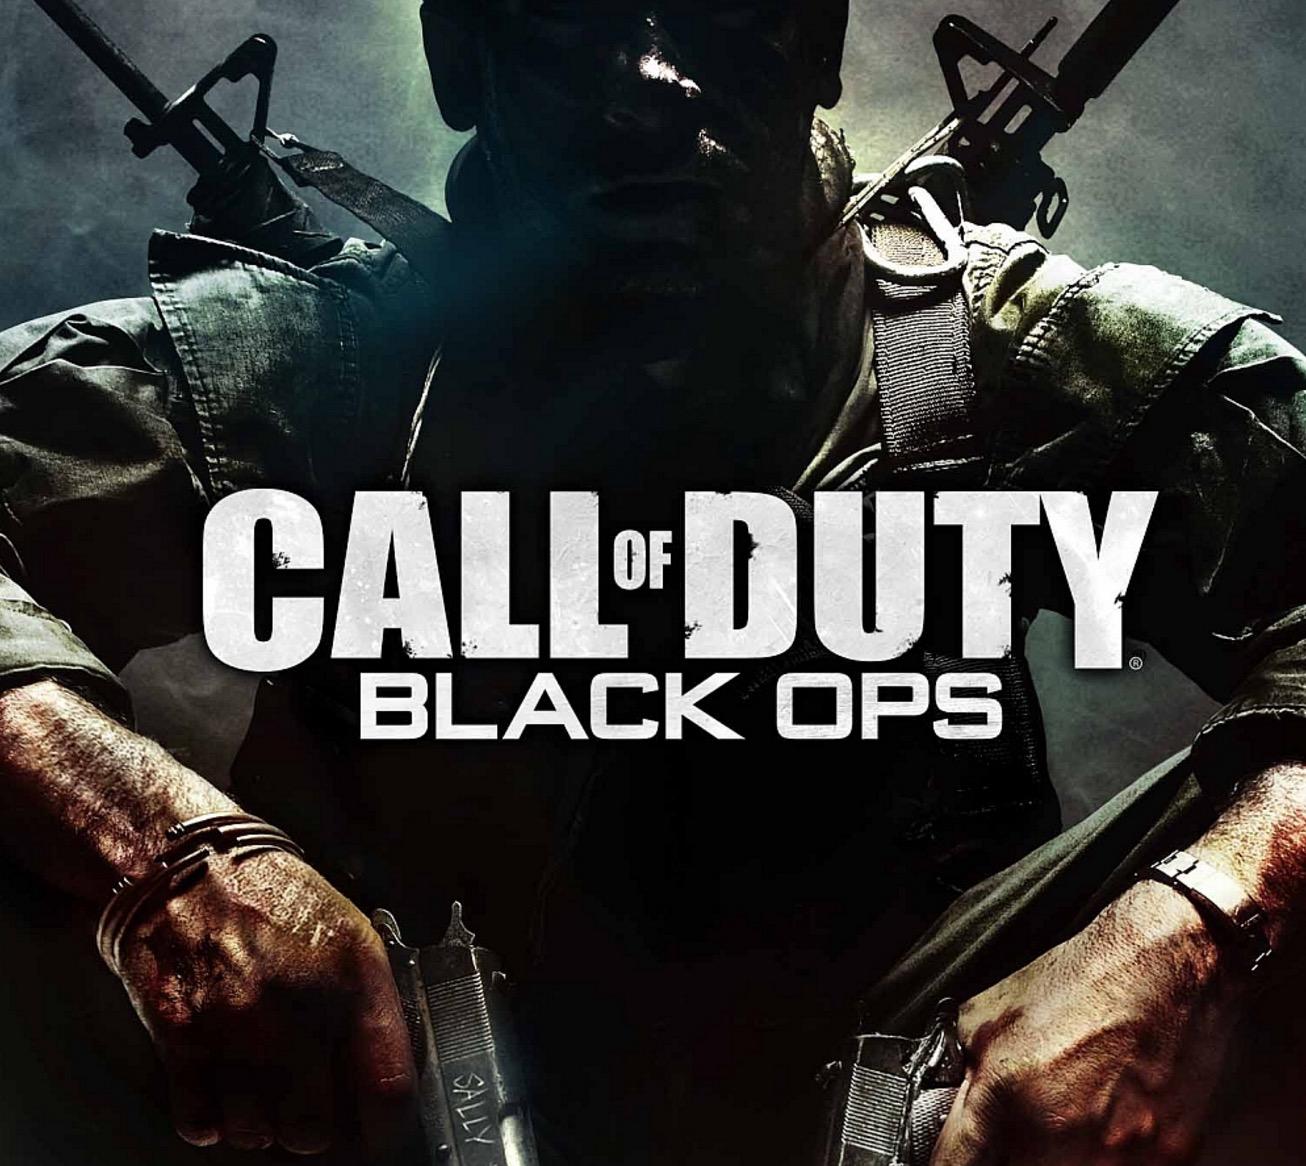 ترینر بازی کالاف دیوتی 7 بلک اپس CALL OF DUTY BLACK OPS